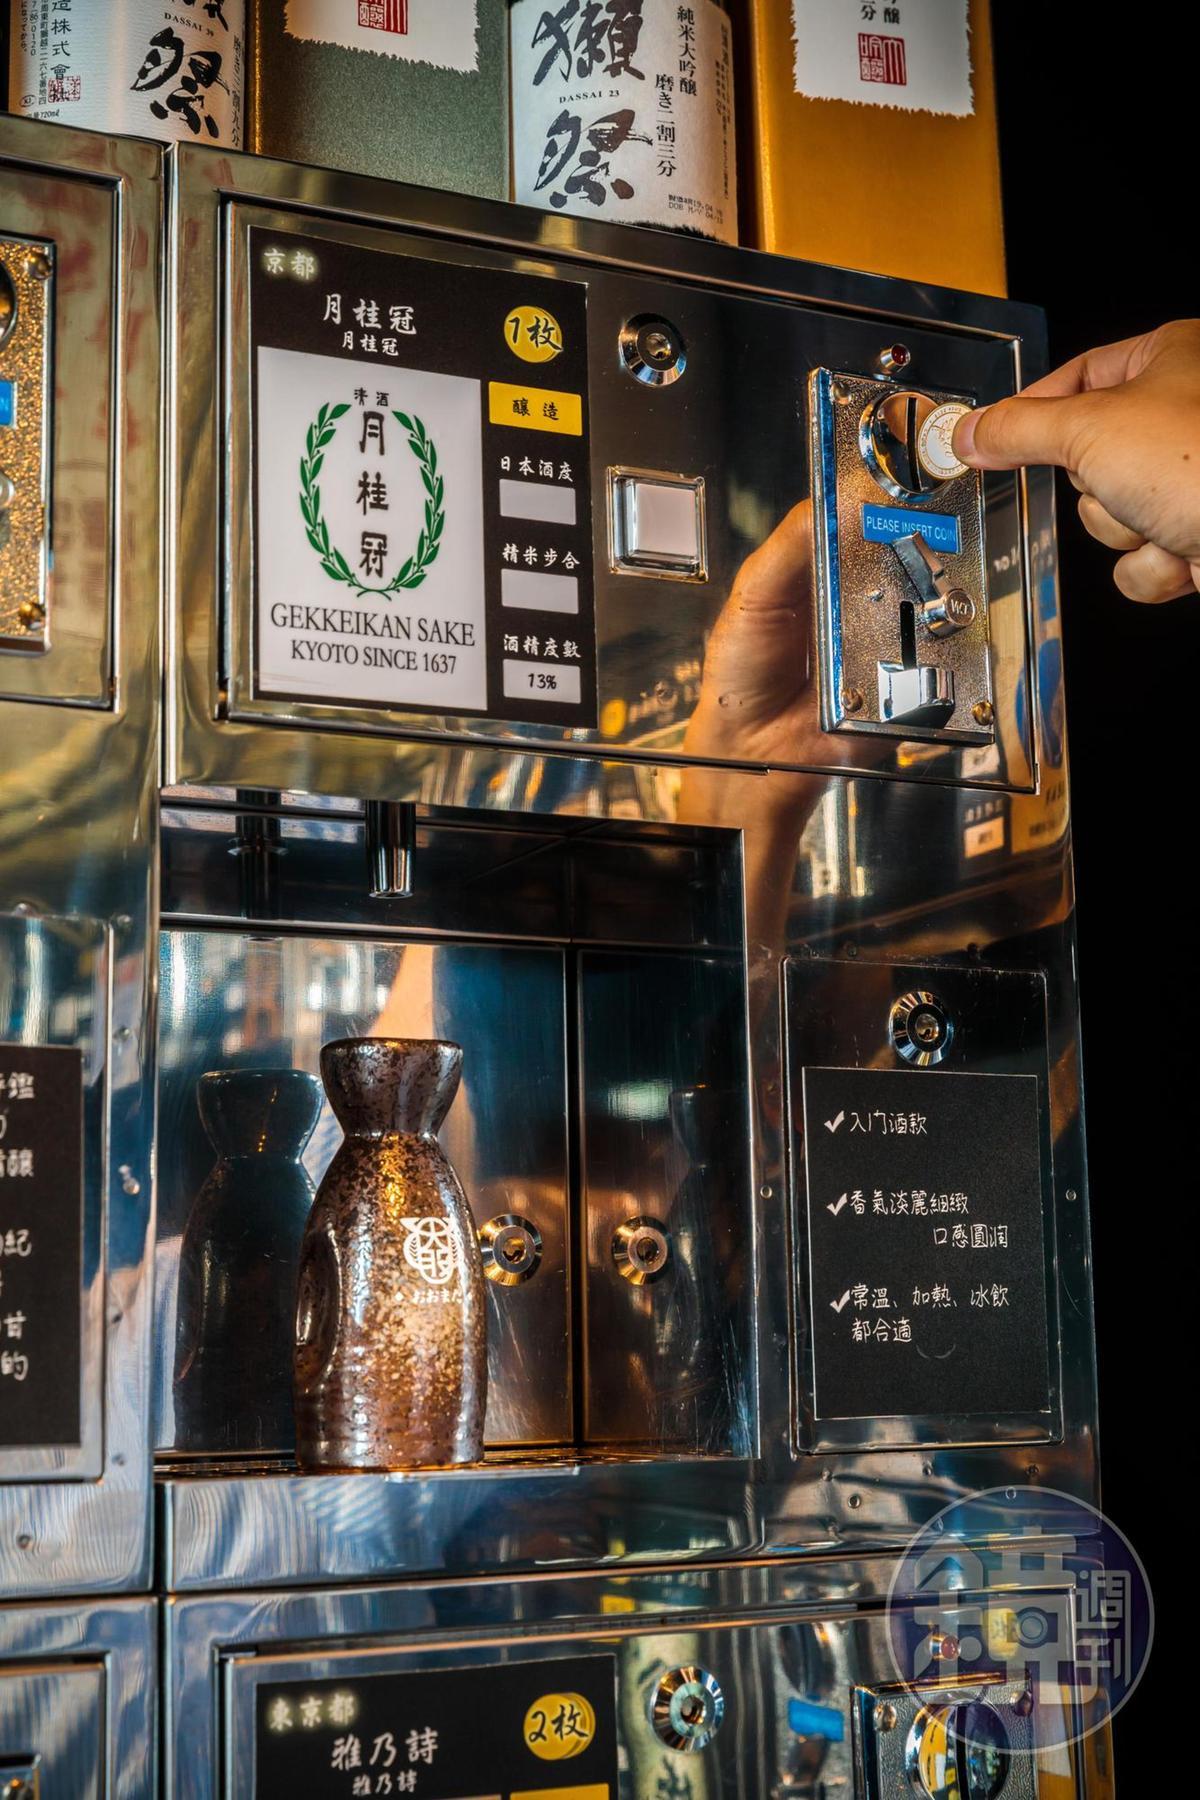 各酒款所需的代幣數量不同,「月桂冠」(1枚代幣/壺)是低消入門款,也很適合下半場補酒精用。